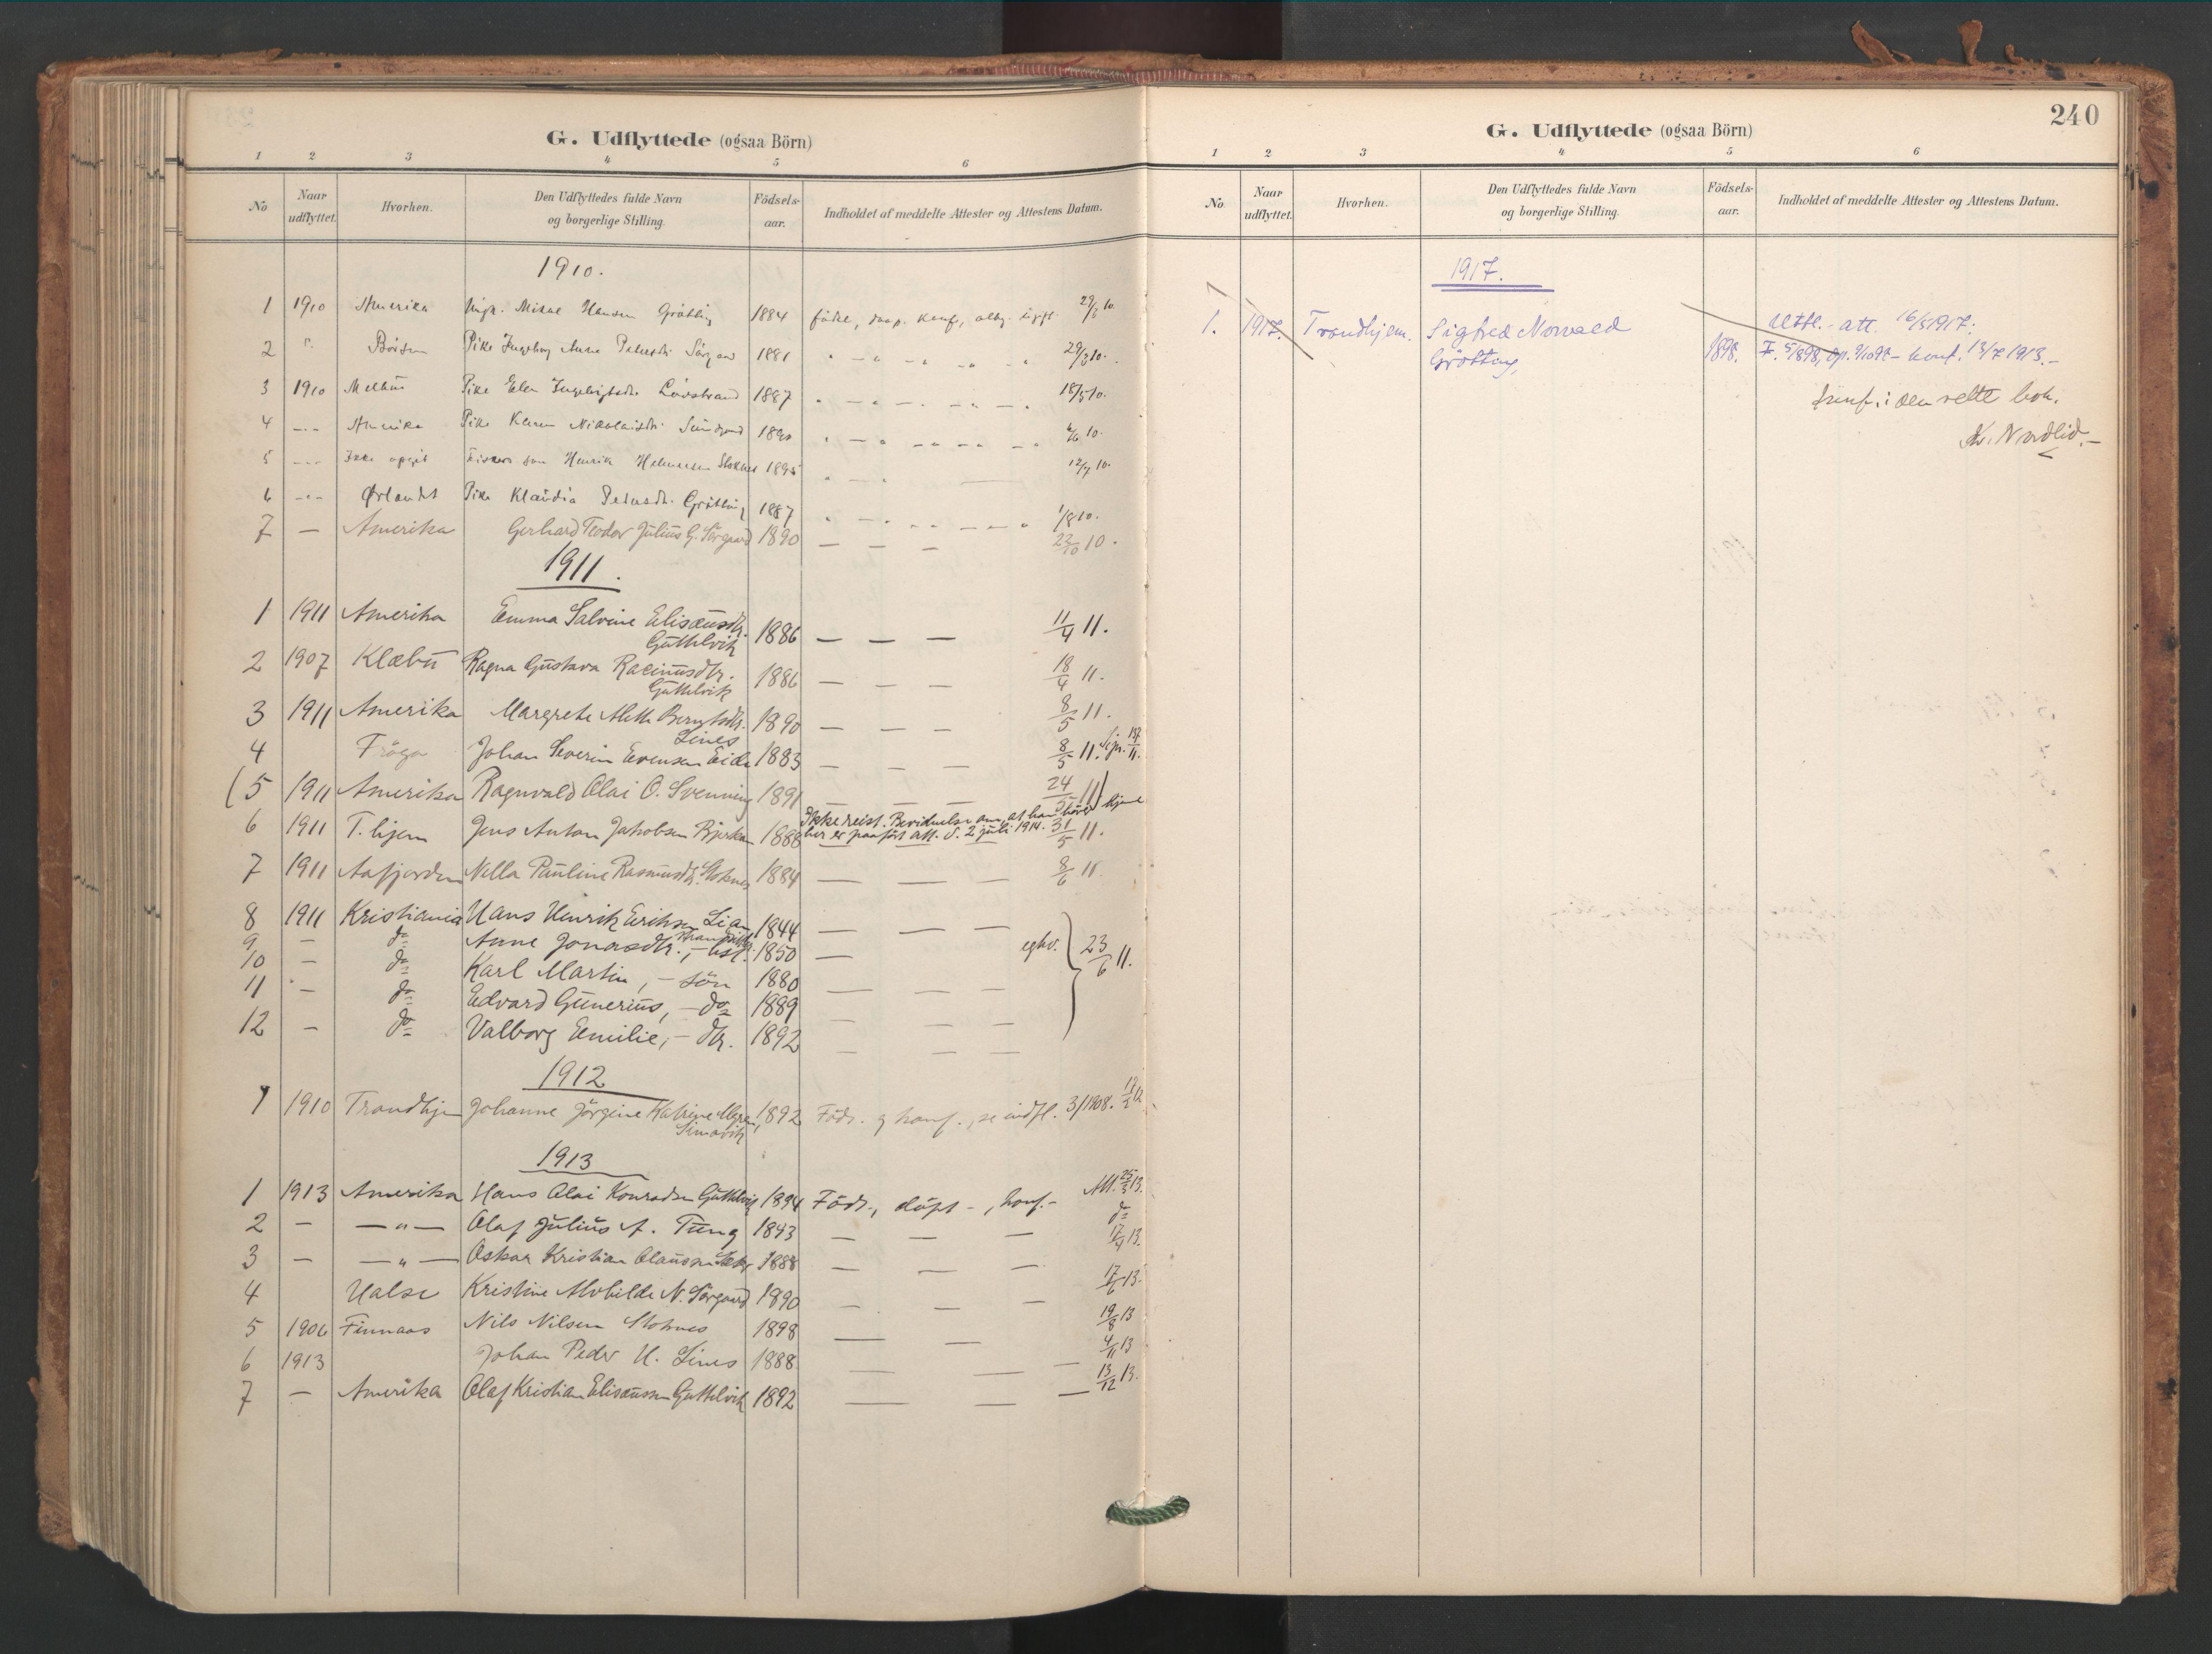 SAT, Ministerialprotokoller, klokkerbøker og fødselsregistre - Sør-Trøndelag, 656/L0693: Ministerialbok nr. 656A02, 1894-1913, s. 240